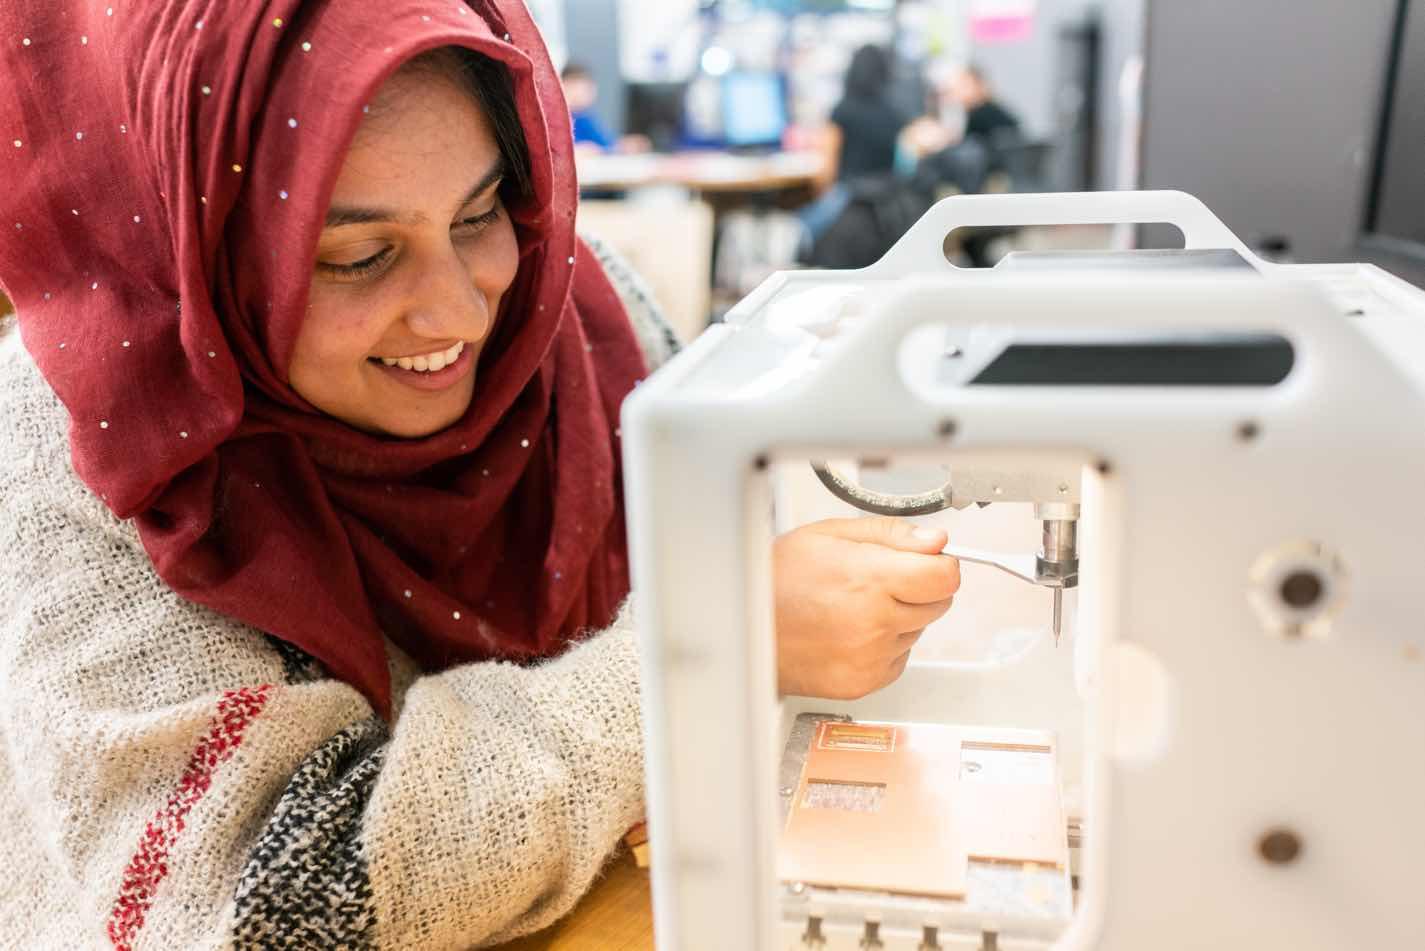 Picture of Masuma Somji at a 3D printer